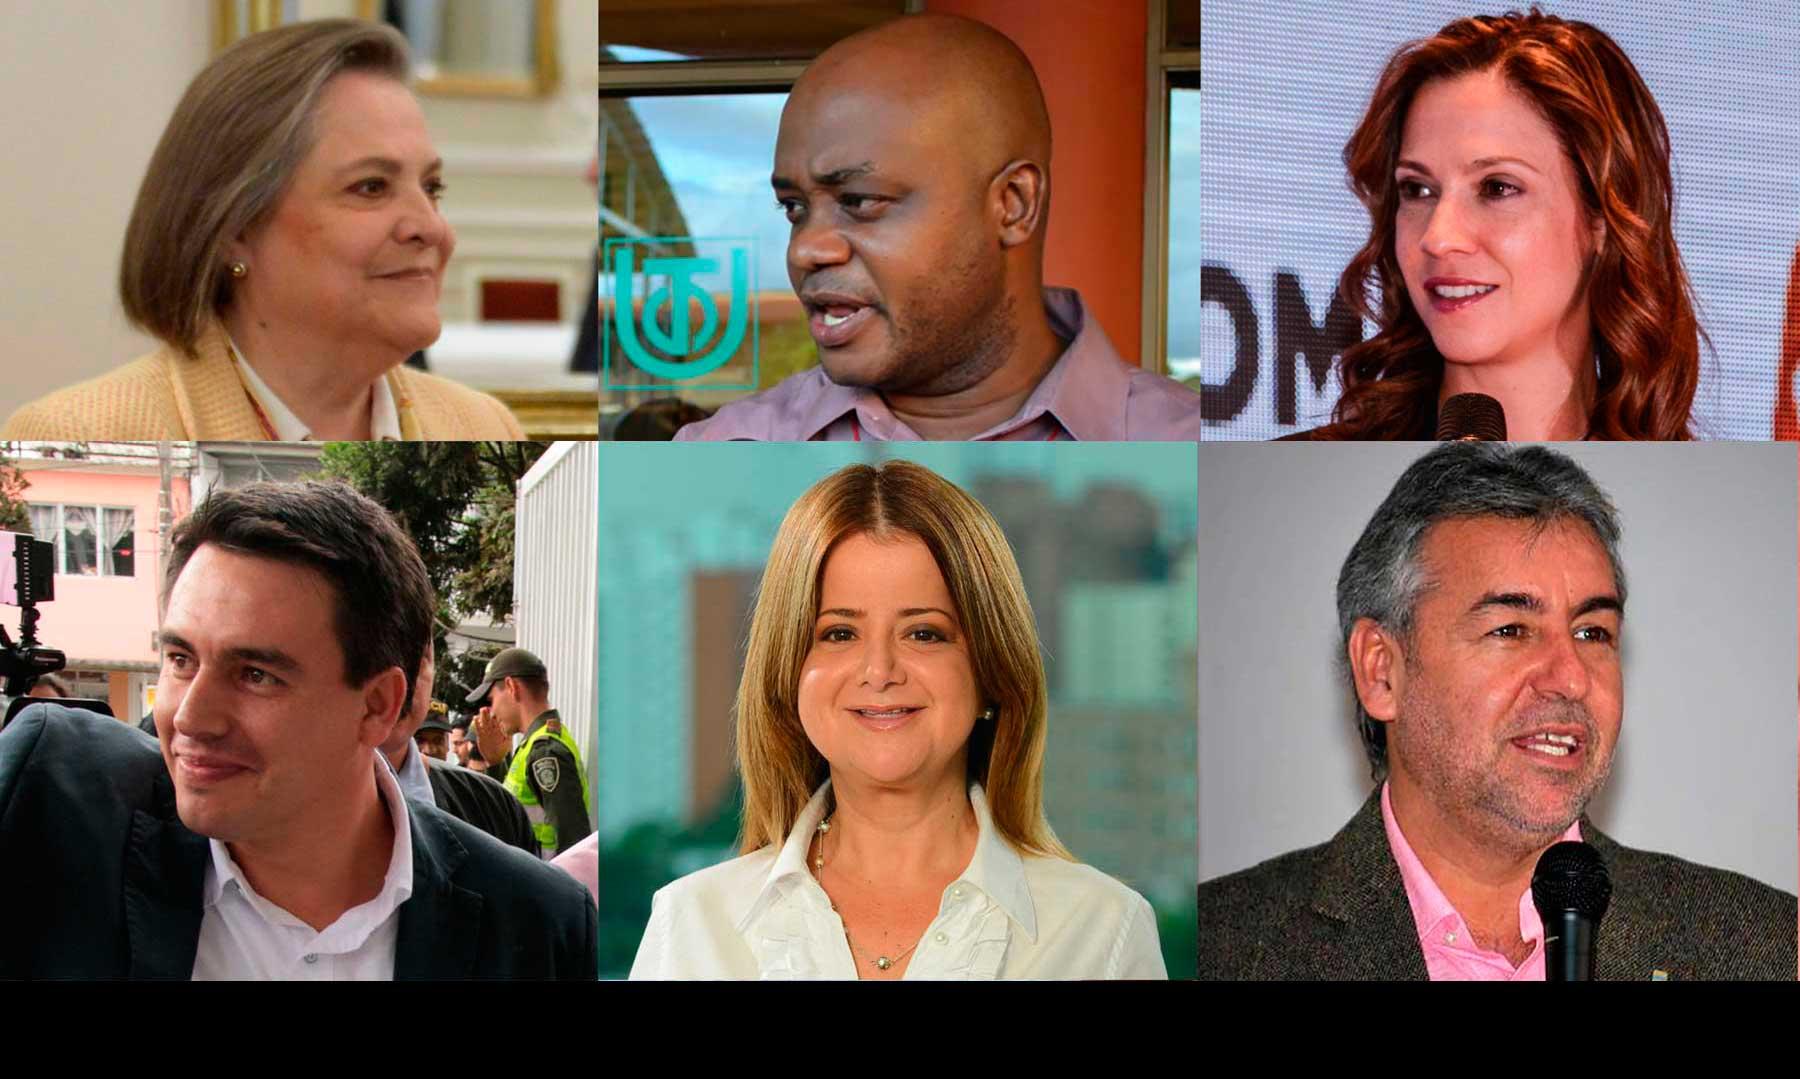 Los Nuevos Ministros: Clara López, trabajo; Luis Gilberto Murillo, ambiente; Maria Claudia Lacouture, comercio; Jorge Rojas, transporte;  Elsa Noguera, vivienda; y Jorge Londoño, justicia